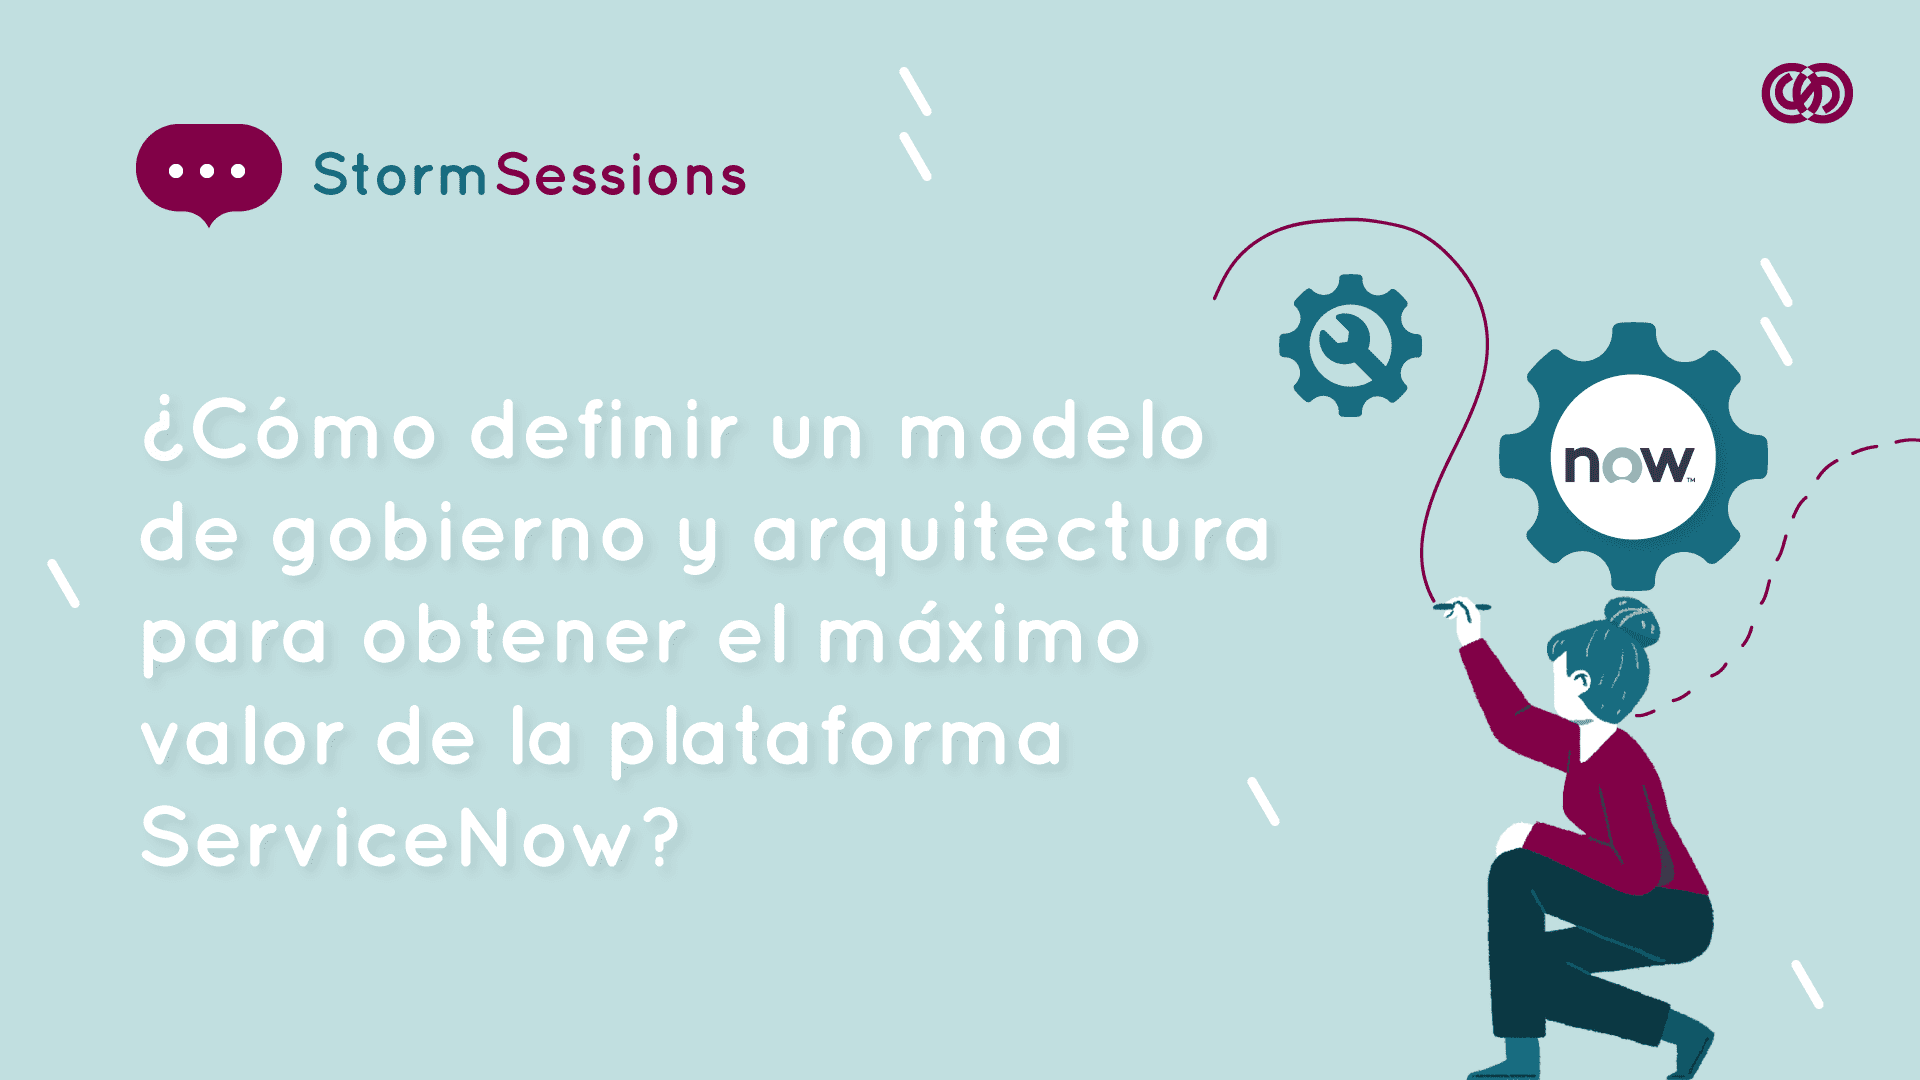 ¿Cómo definir un modelo de gobierno y arquitectura para obtener el máximo valor de la plataforma??